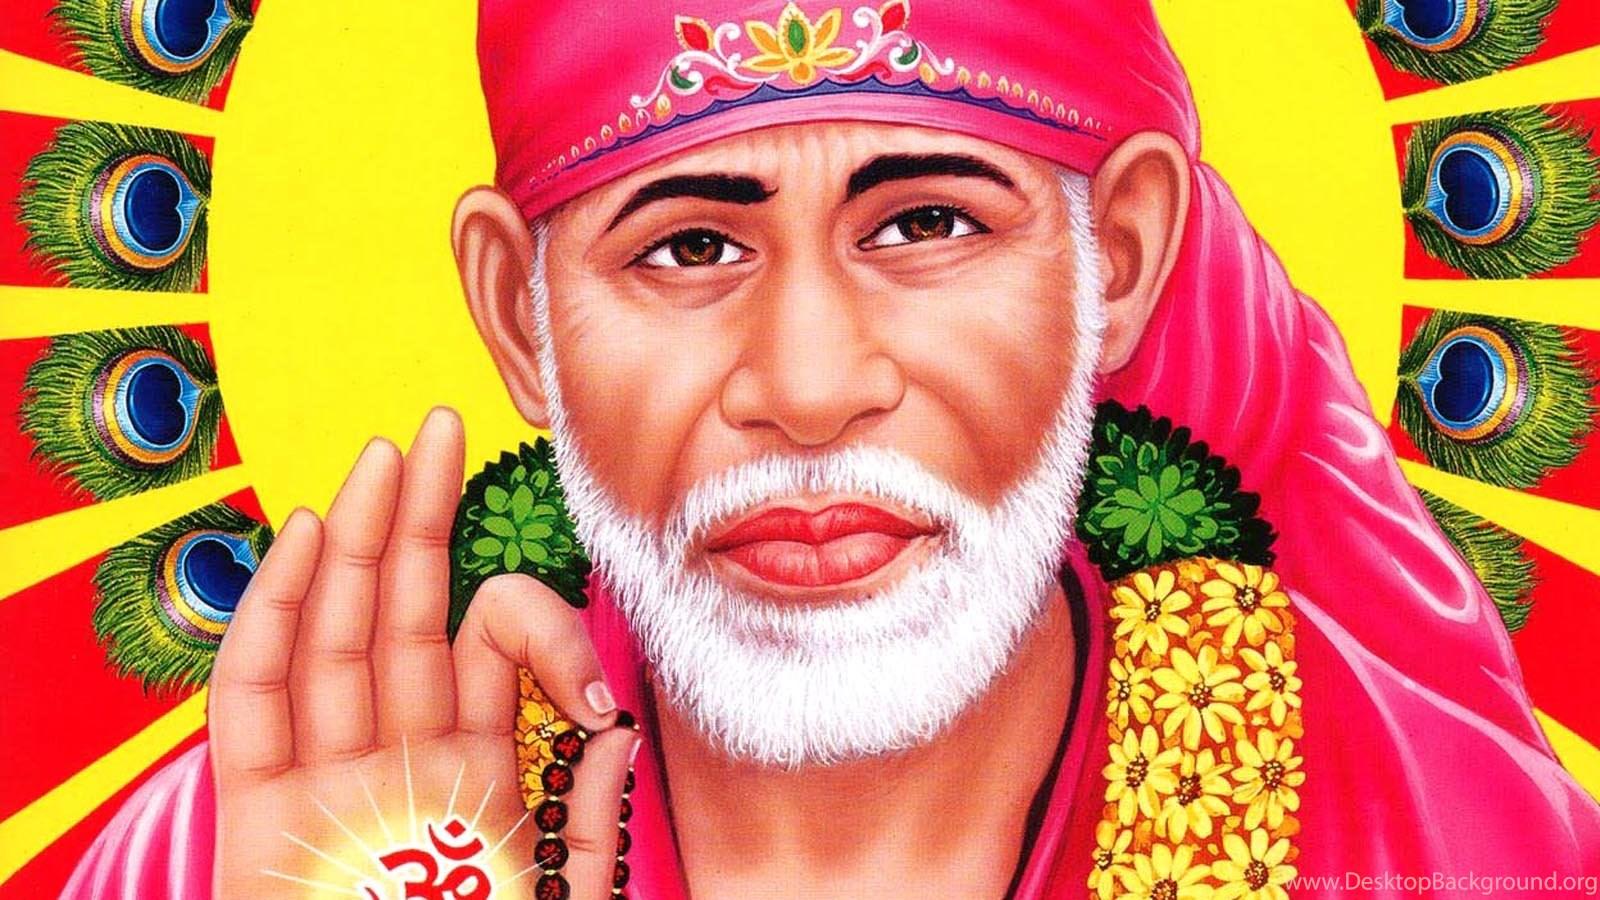 Sai Baba Hd Image Wallpapers Desktop Background